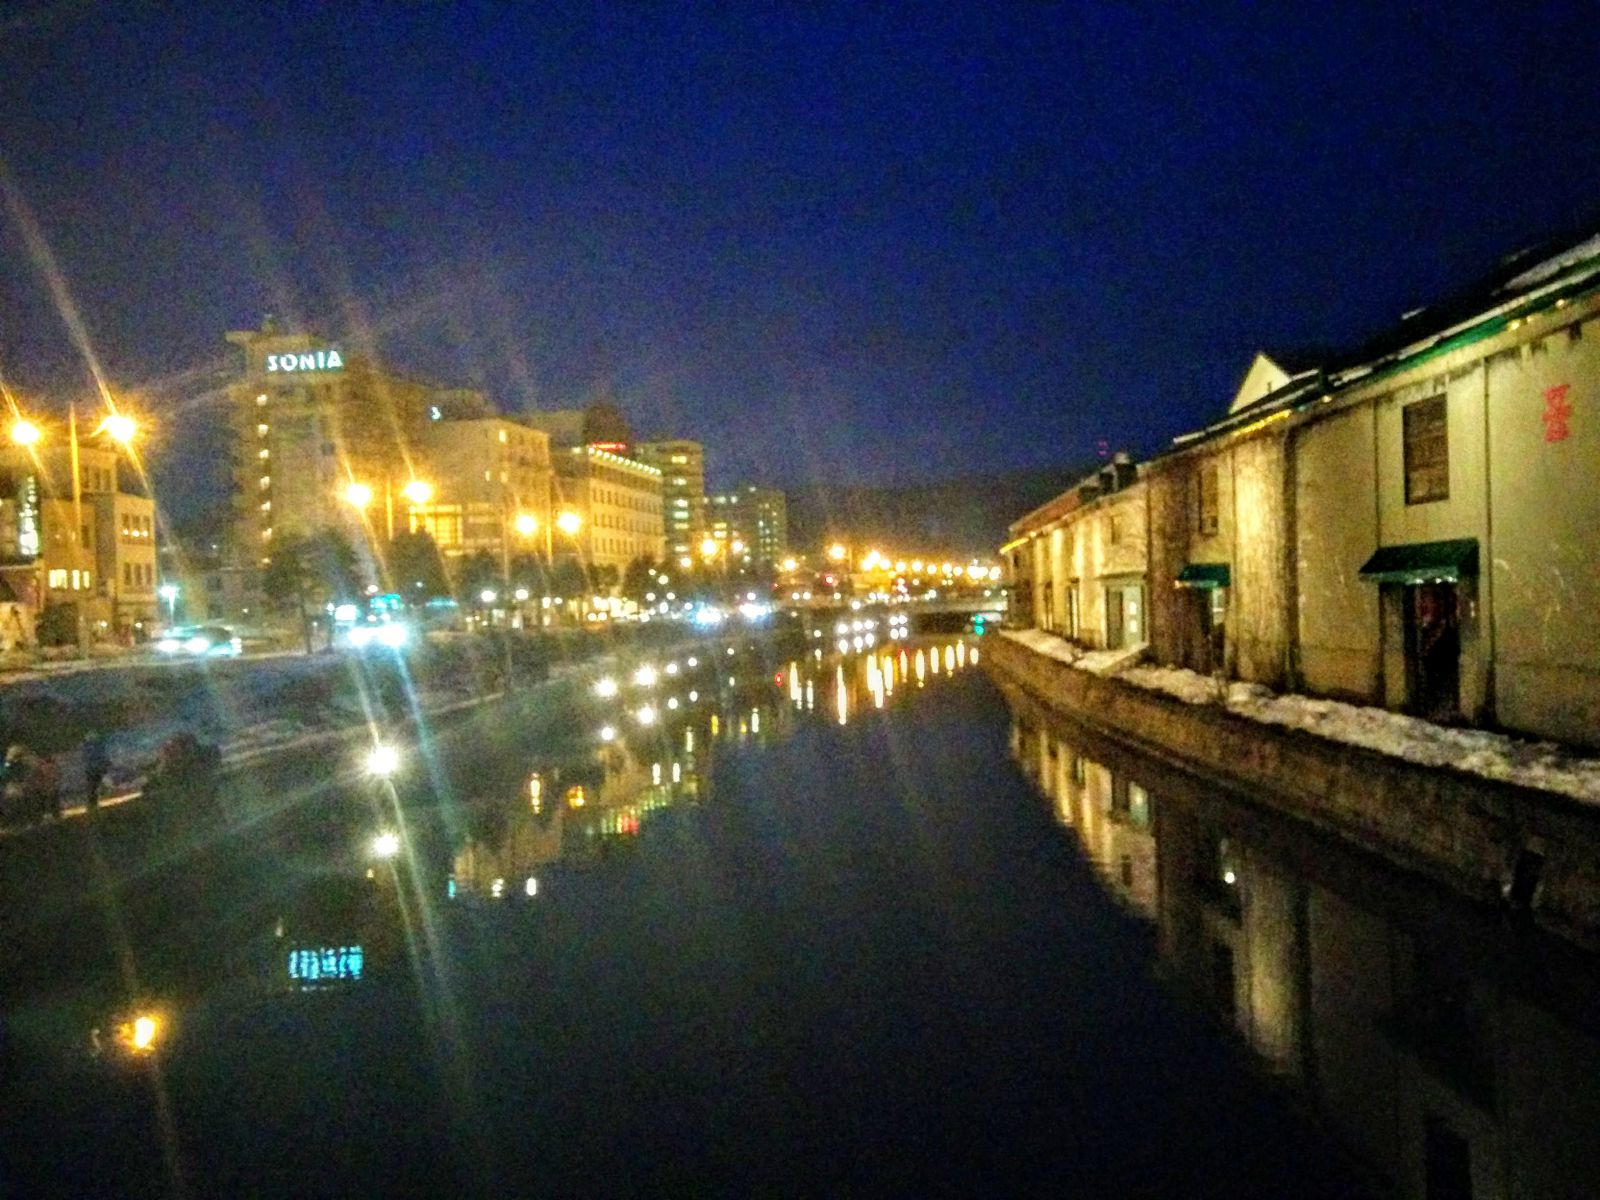 【小樽】冬の夜の小樽運河観光案内です。